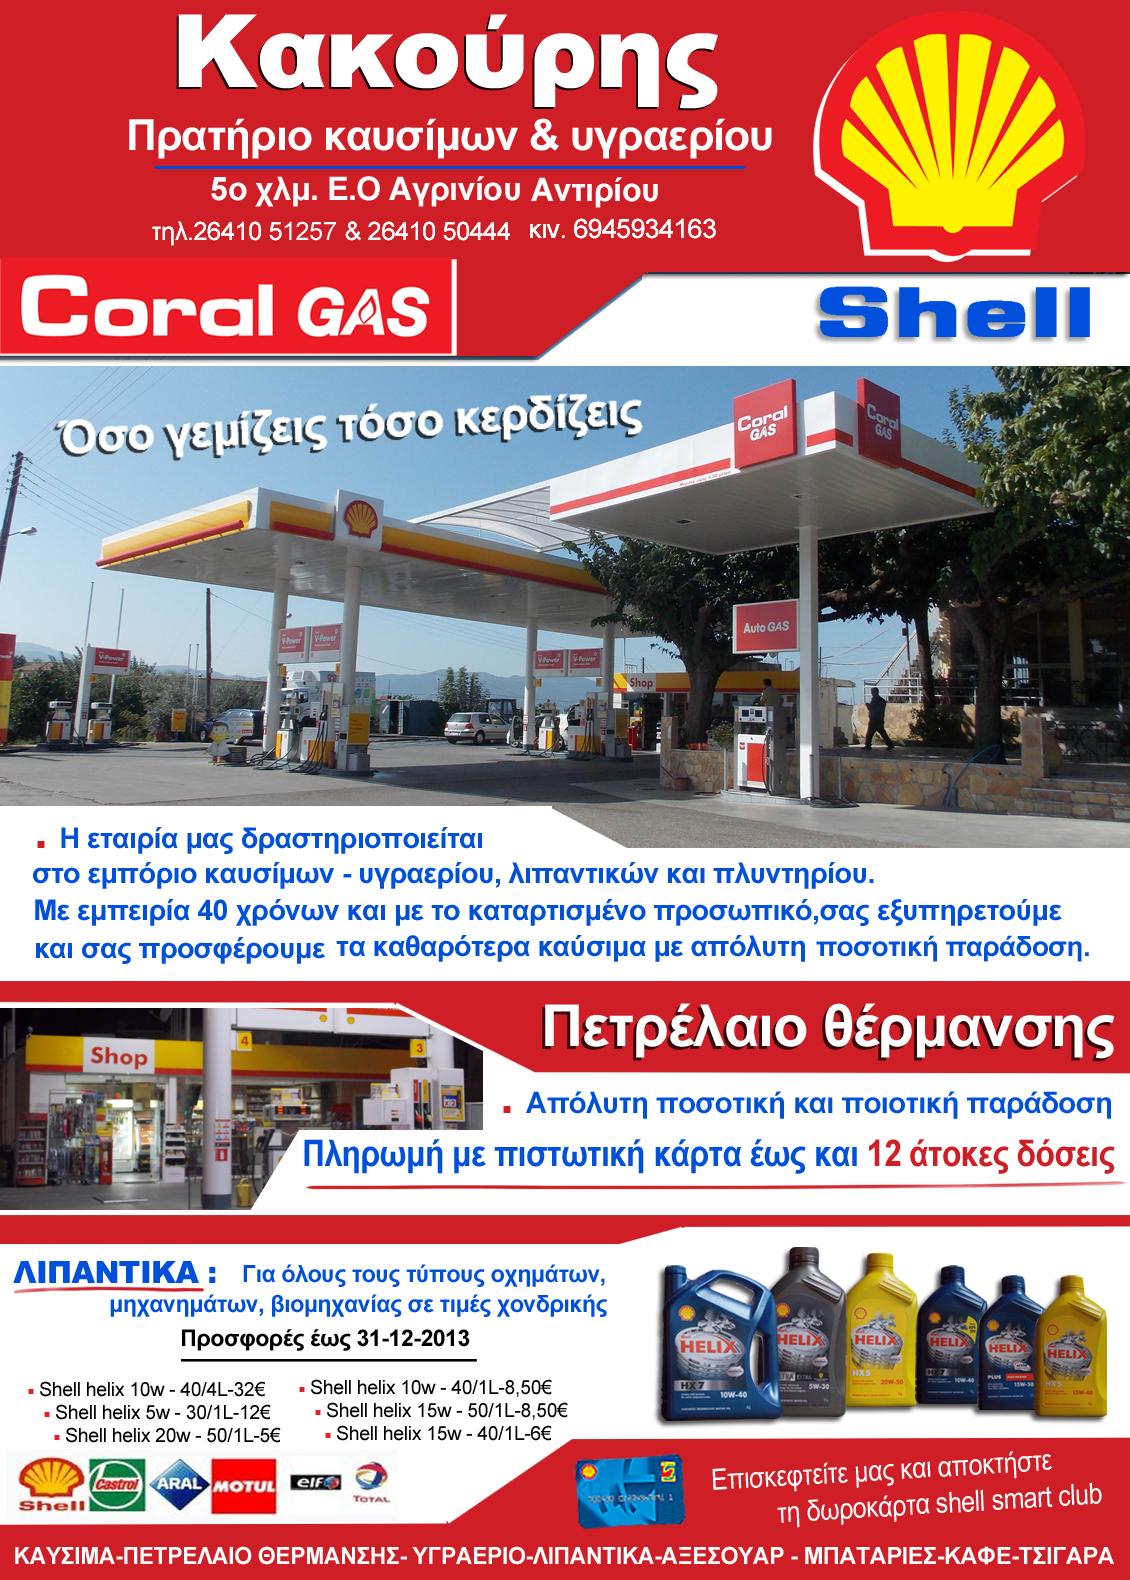 Κακούρης-Πρατήριο καυσίμων & υγραερίου